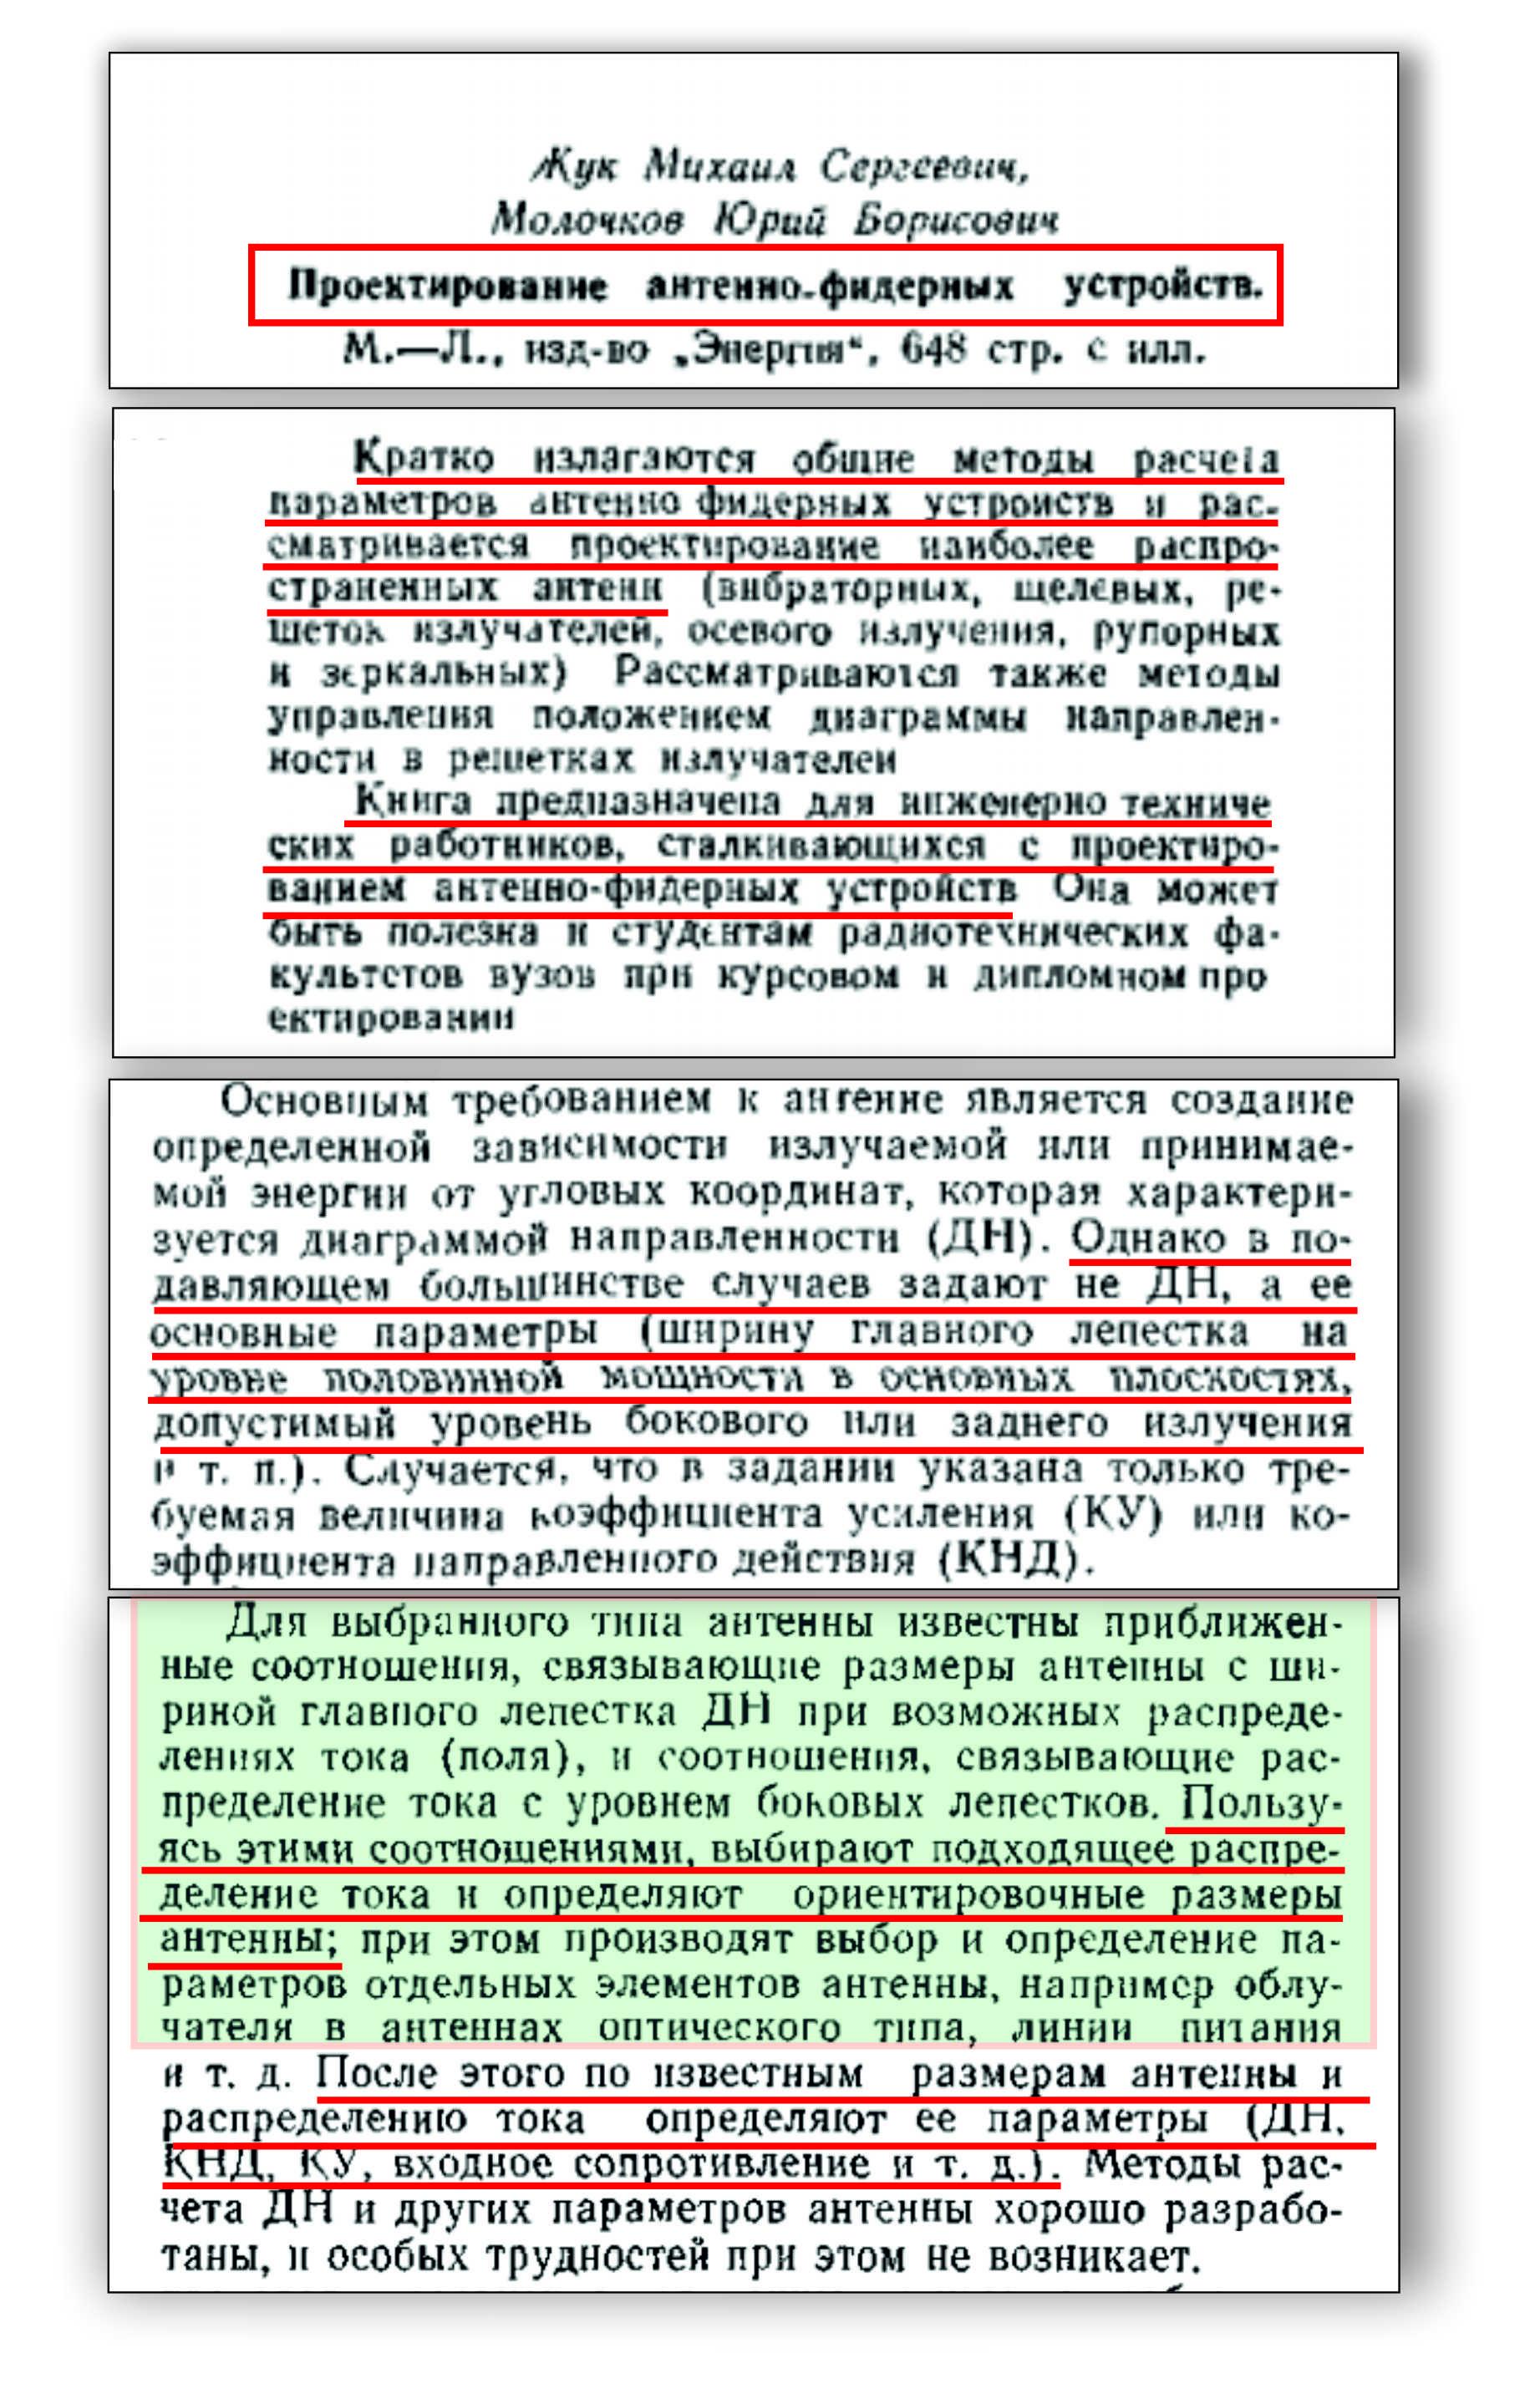 http://images.vfl.ru/ii/1618838128/e6d51de6/34138596.jpg